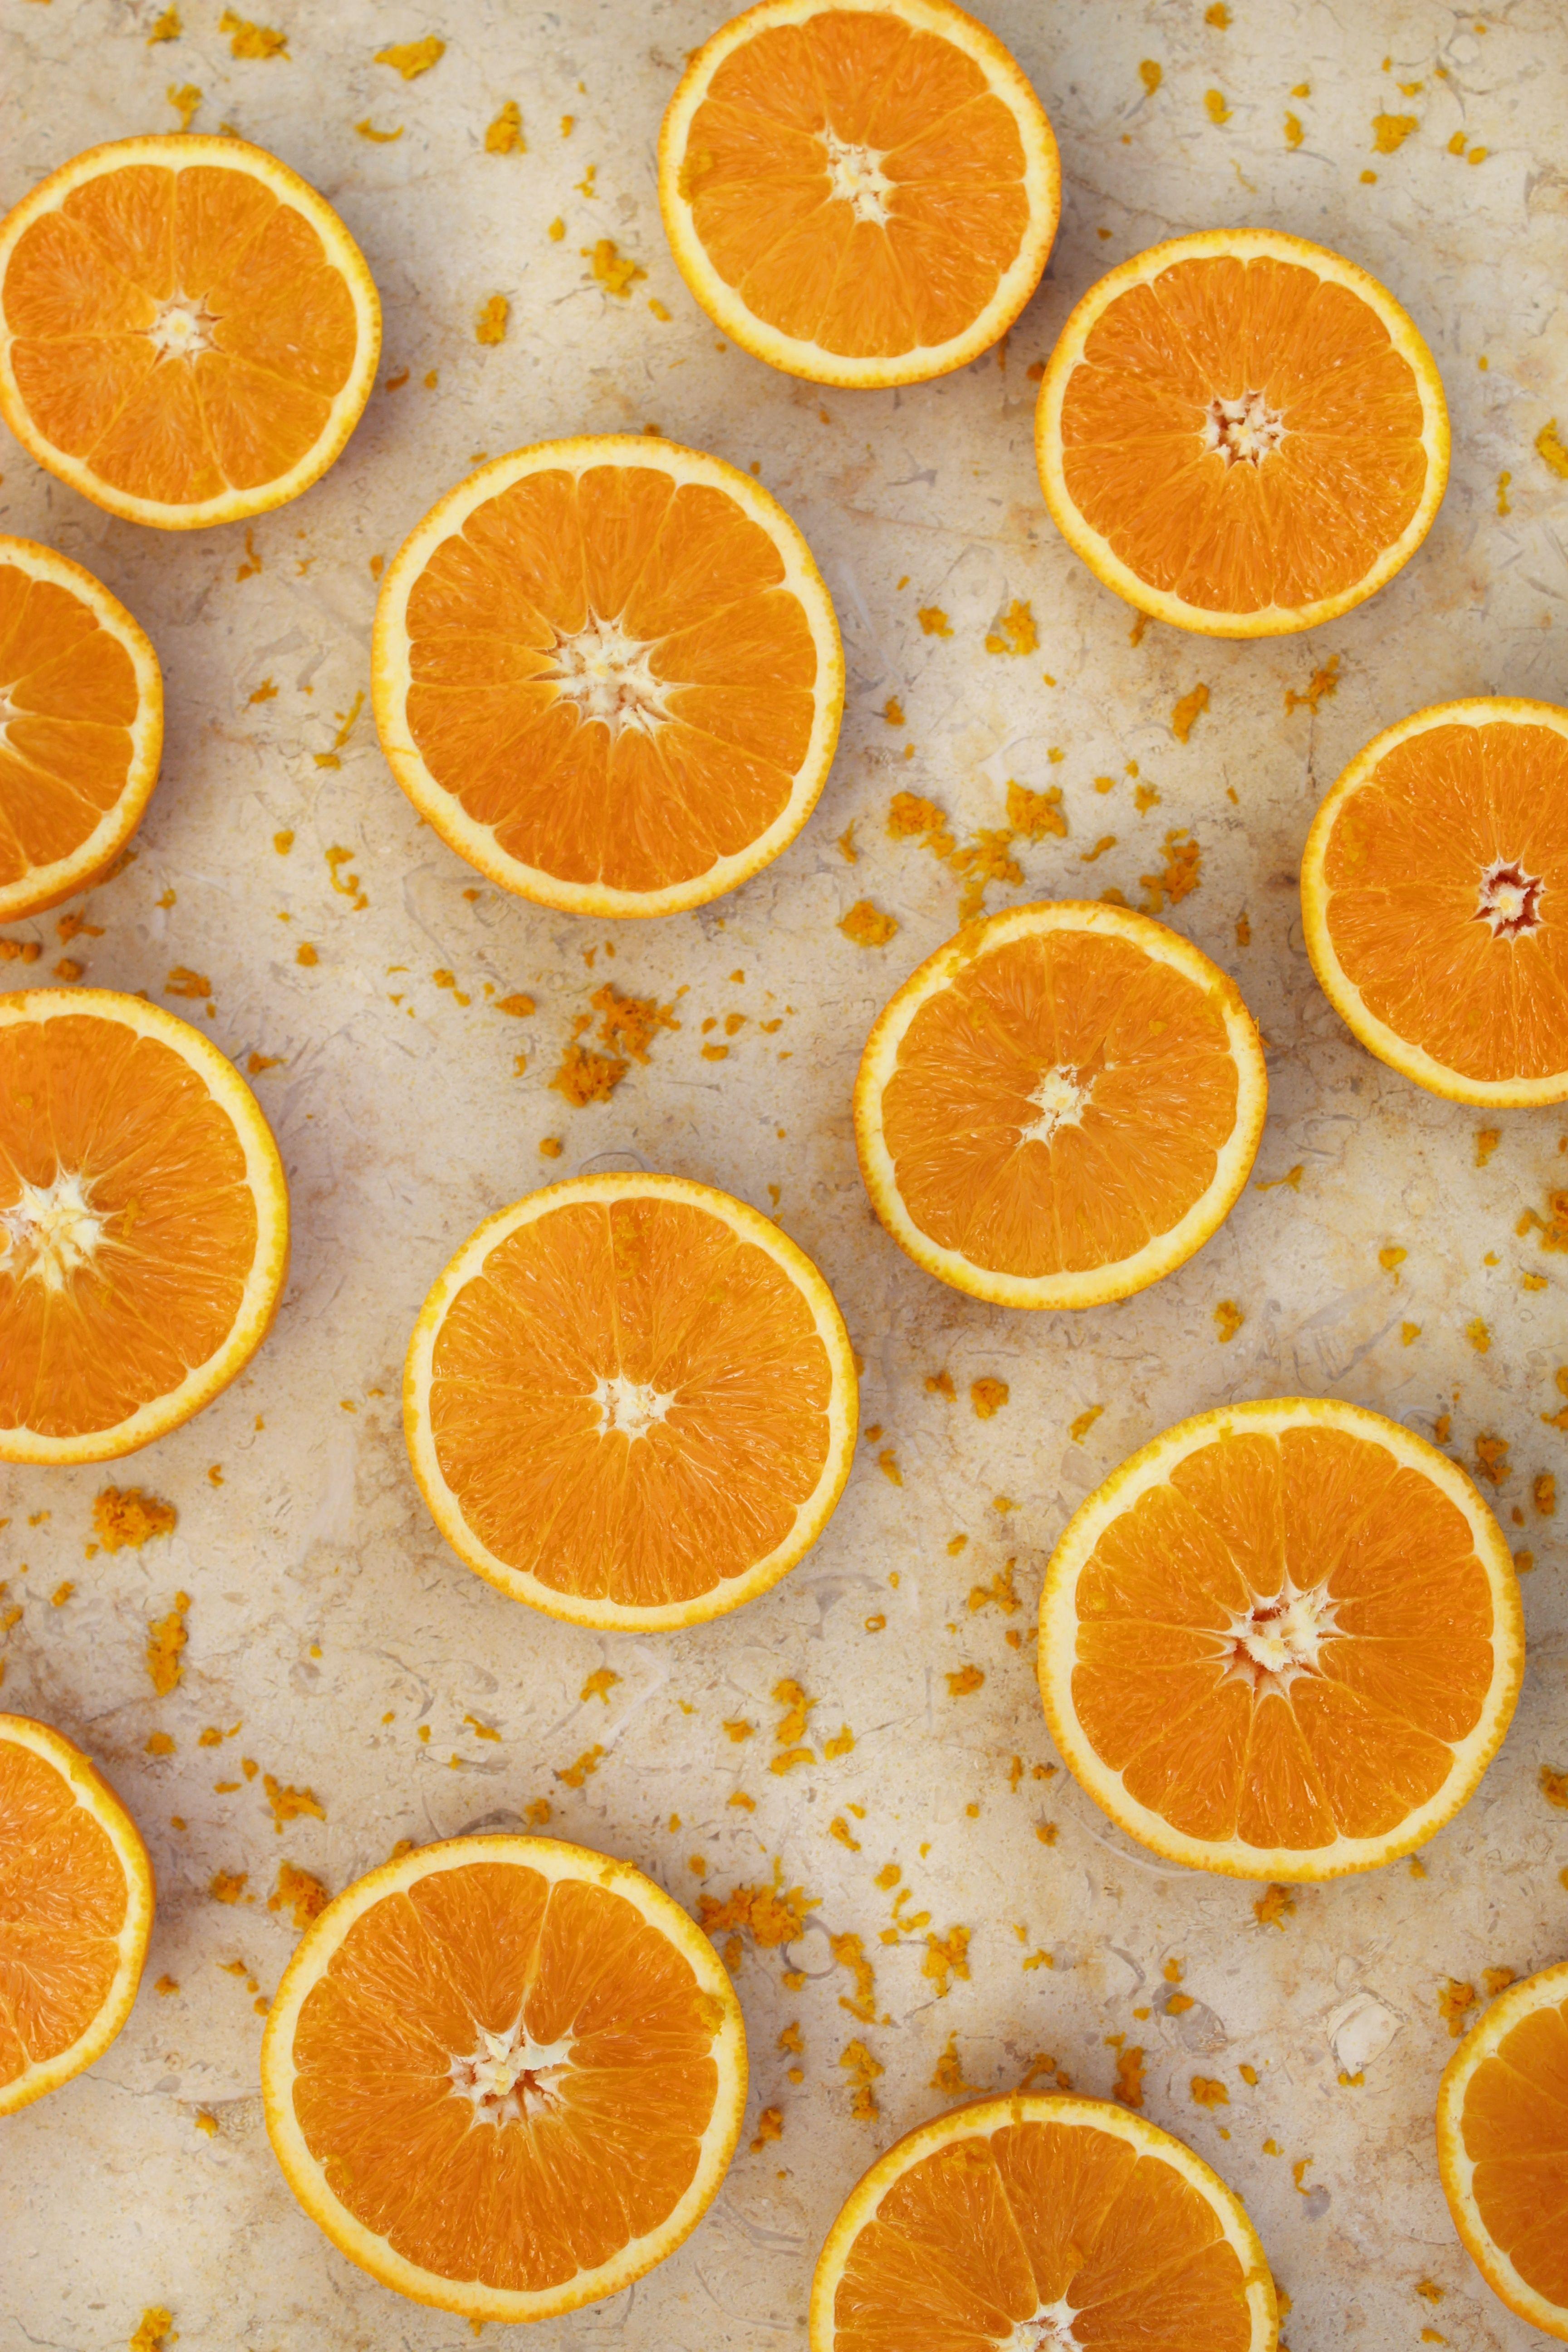 Naranjas Fruta Rodajas De Naranja Naranja Fruta Rodajas De